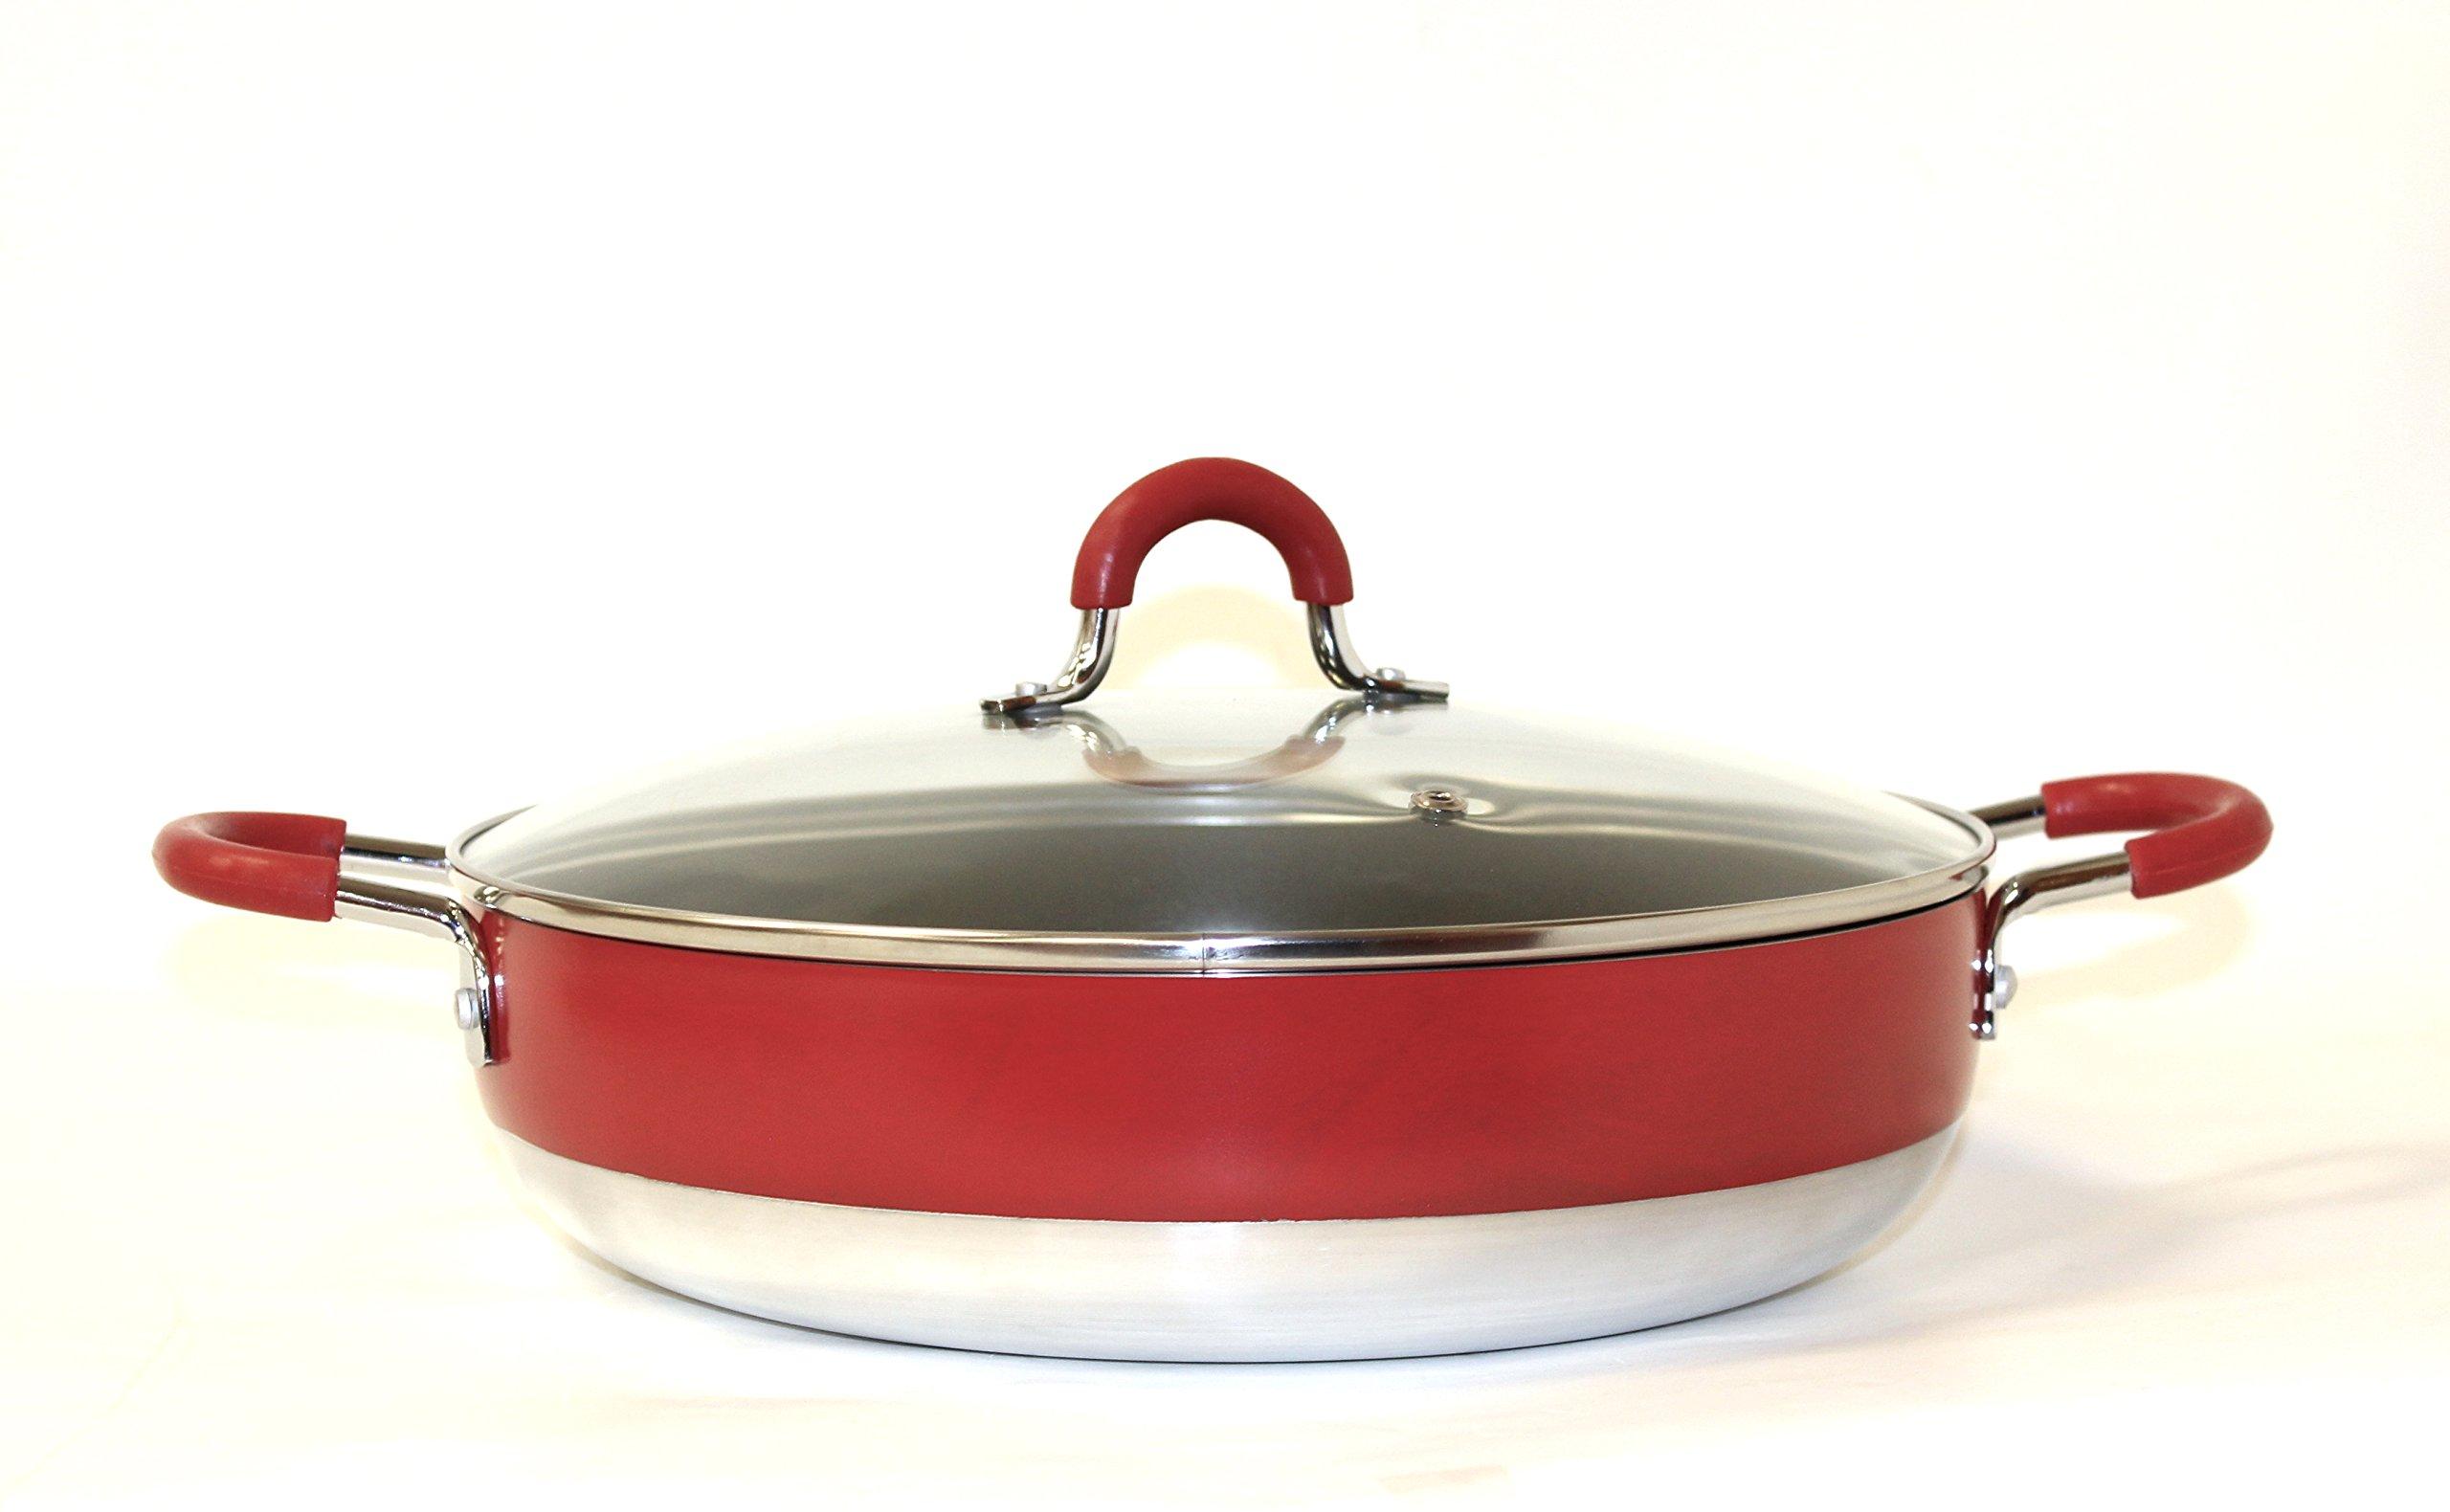 Callaway Cacerola Baja con Tapa de 28 cm, Rojo product image